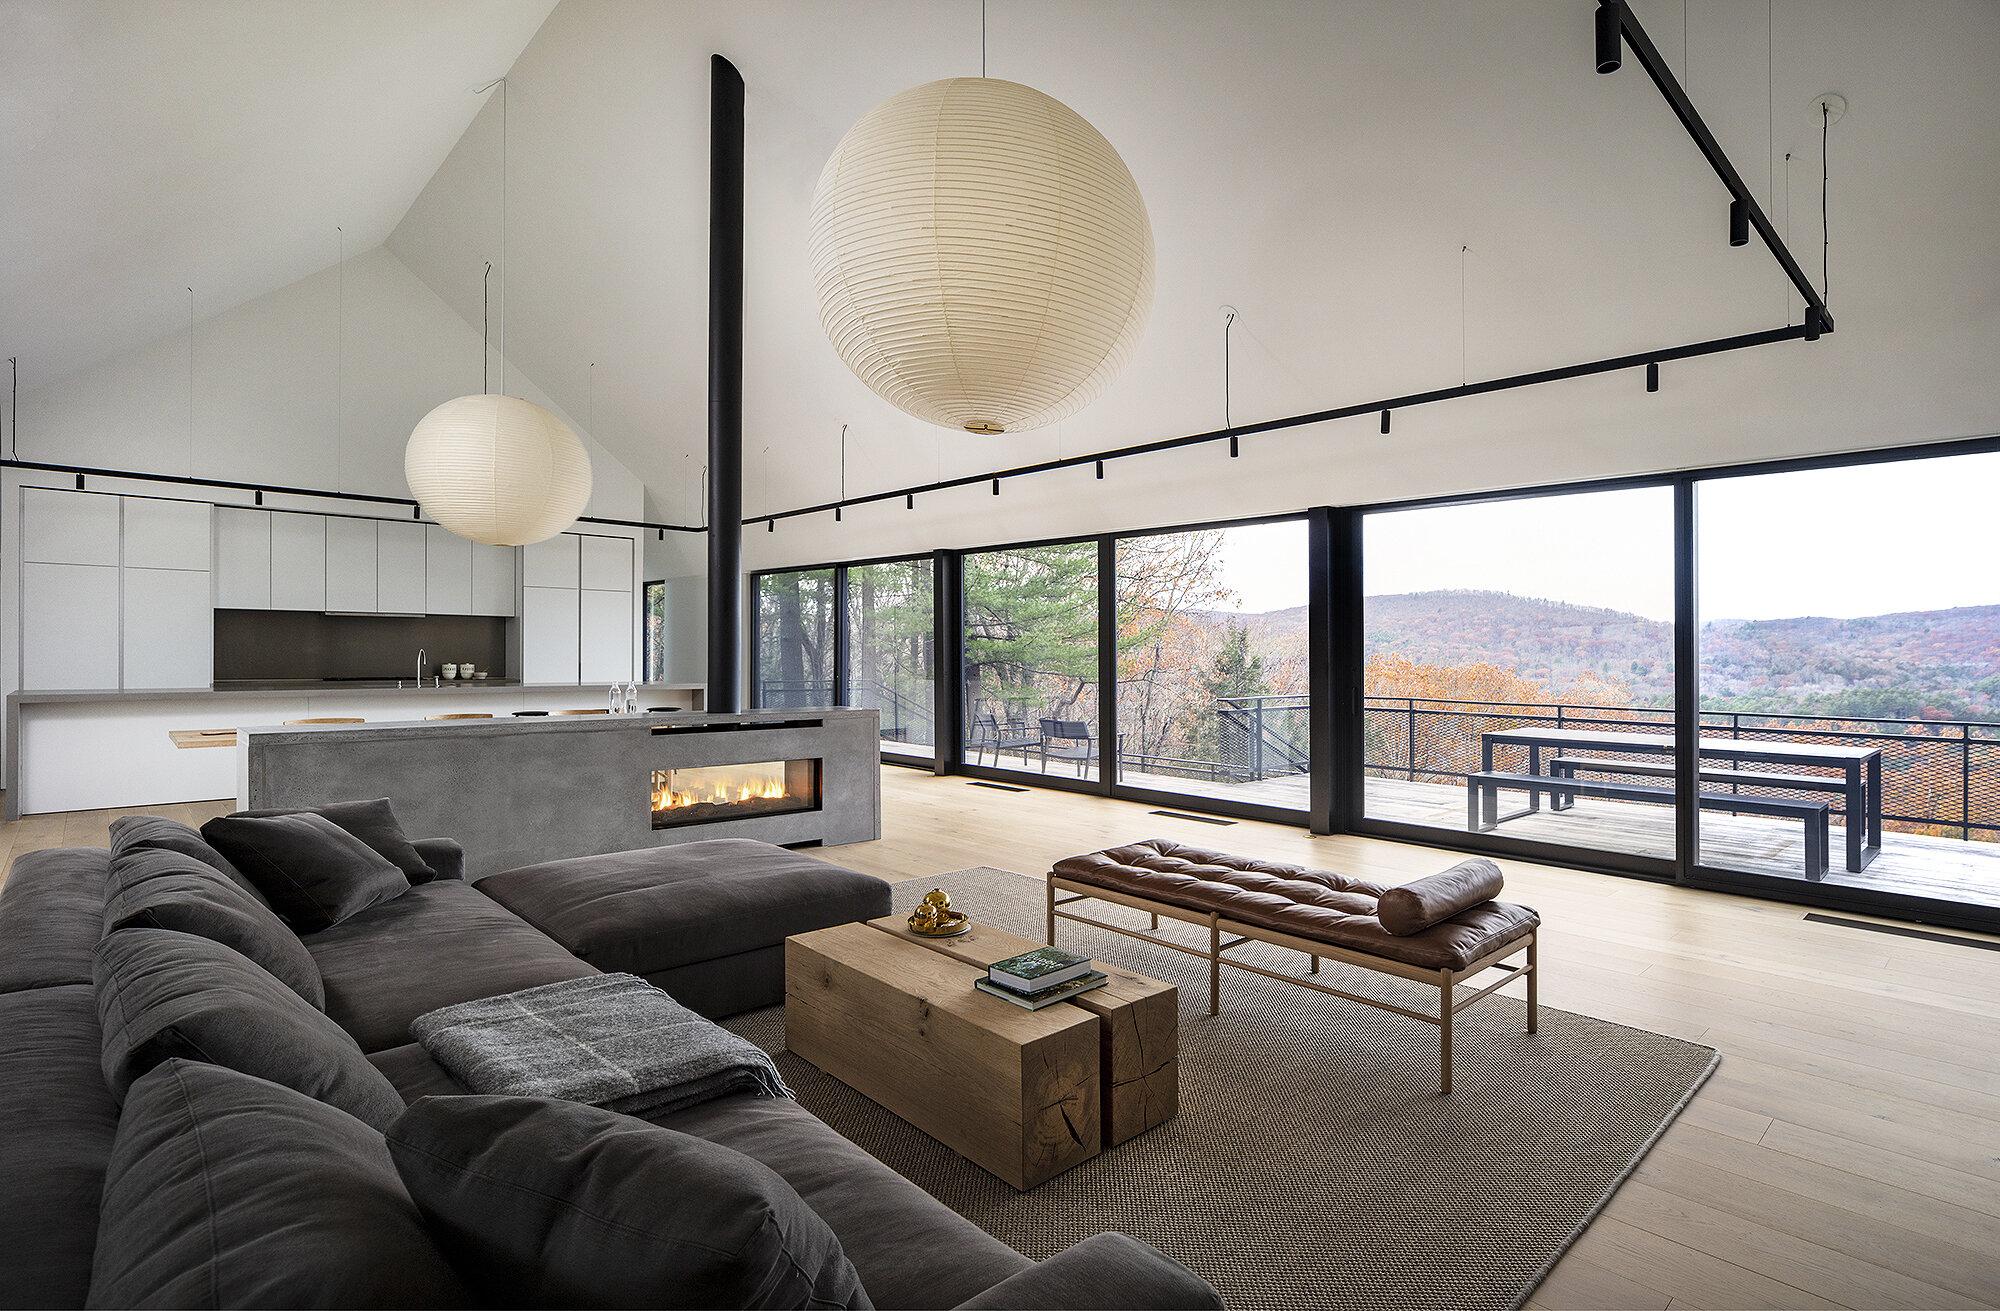 Destacan los ventanales y los techos altos